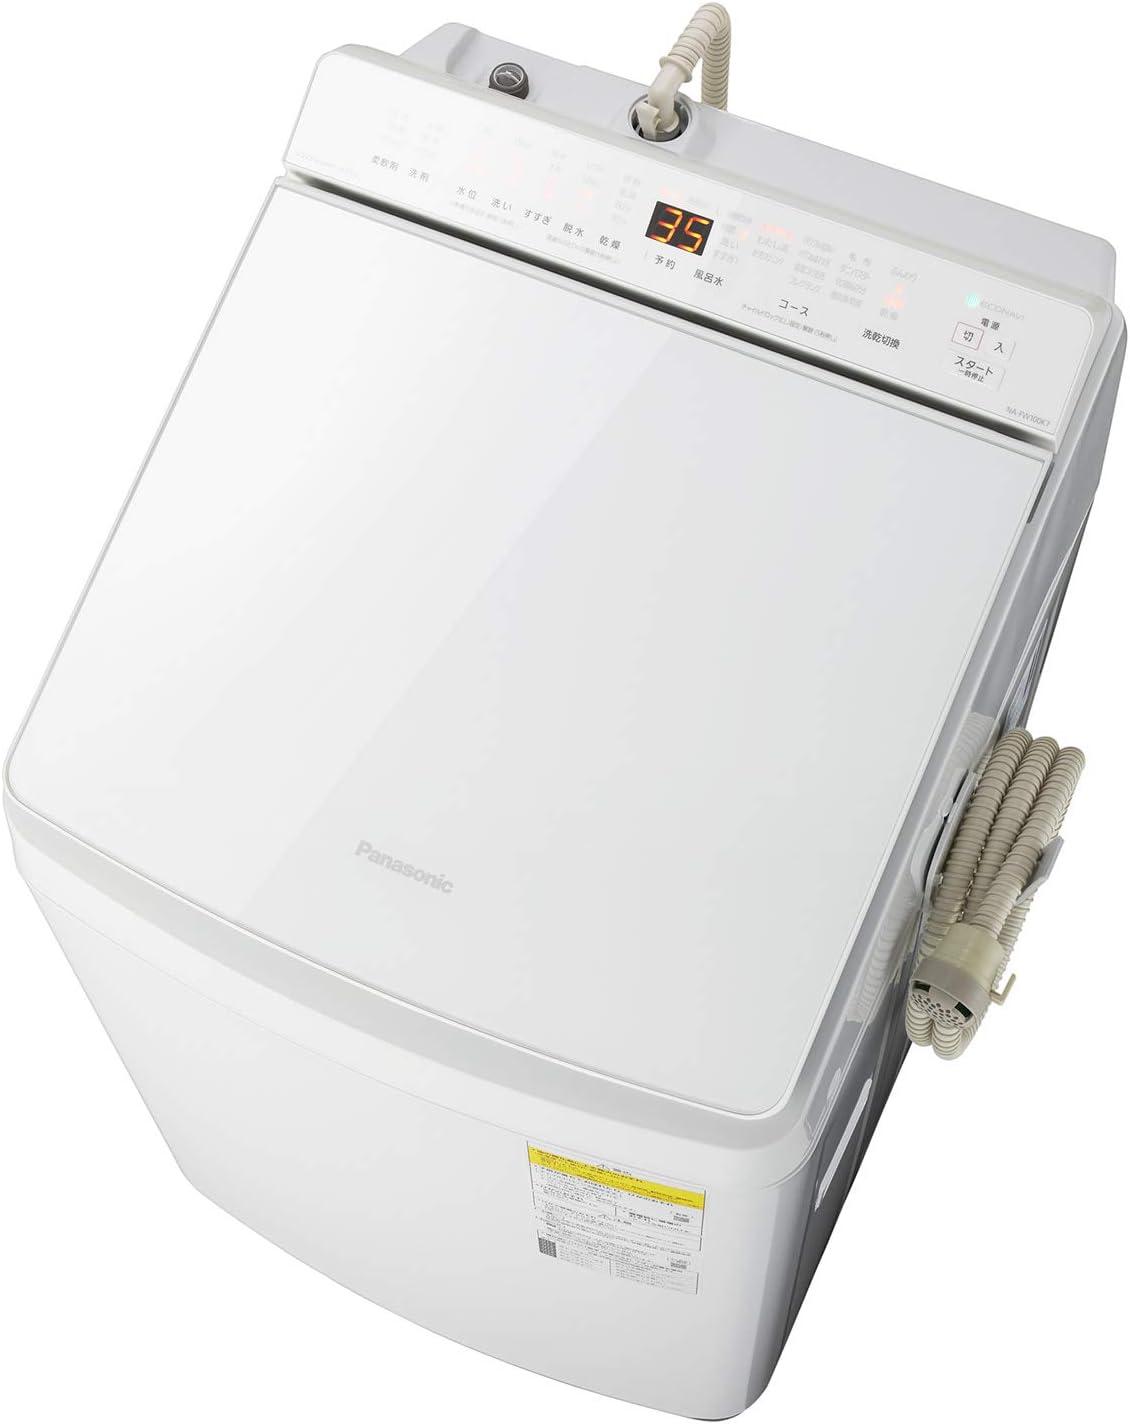 パナソニック 10kg 洗濯乾燥機 NA-FW100K7-W